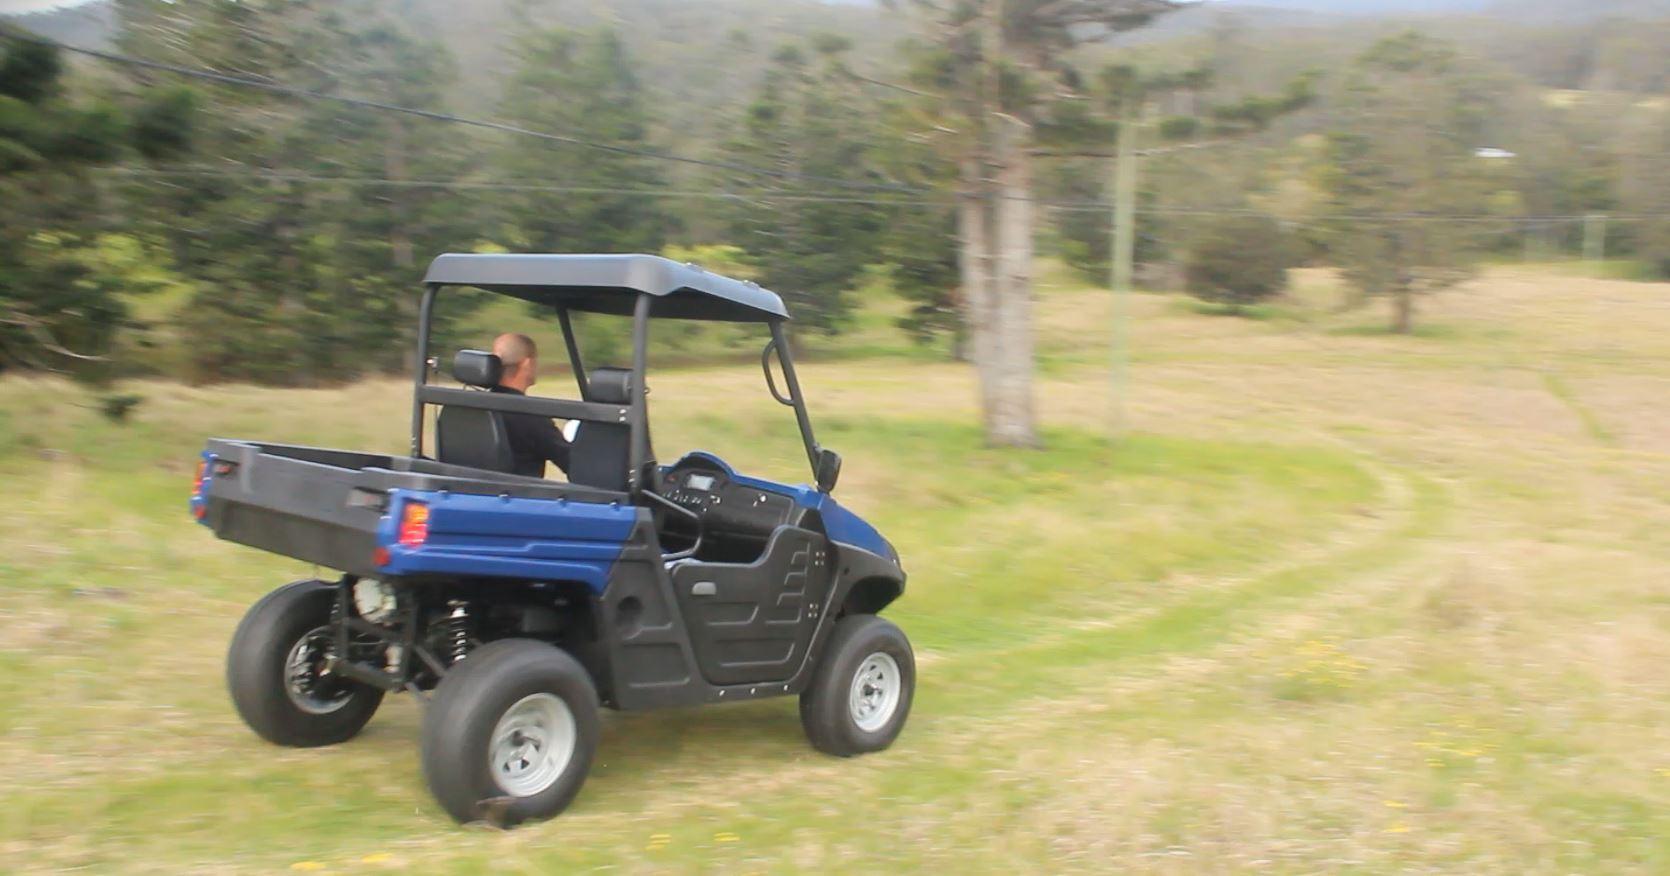 Milbay MB572UTV electric 4WD ATV UTV